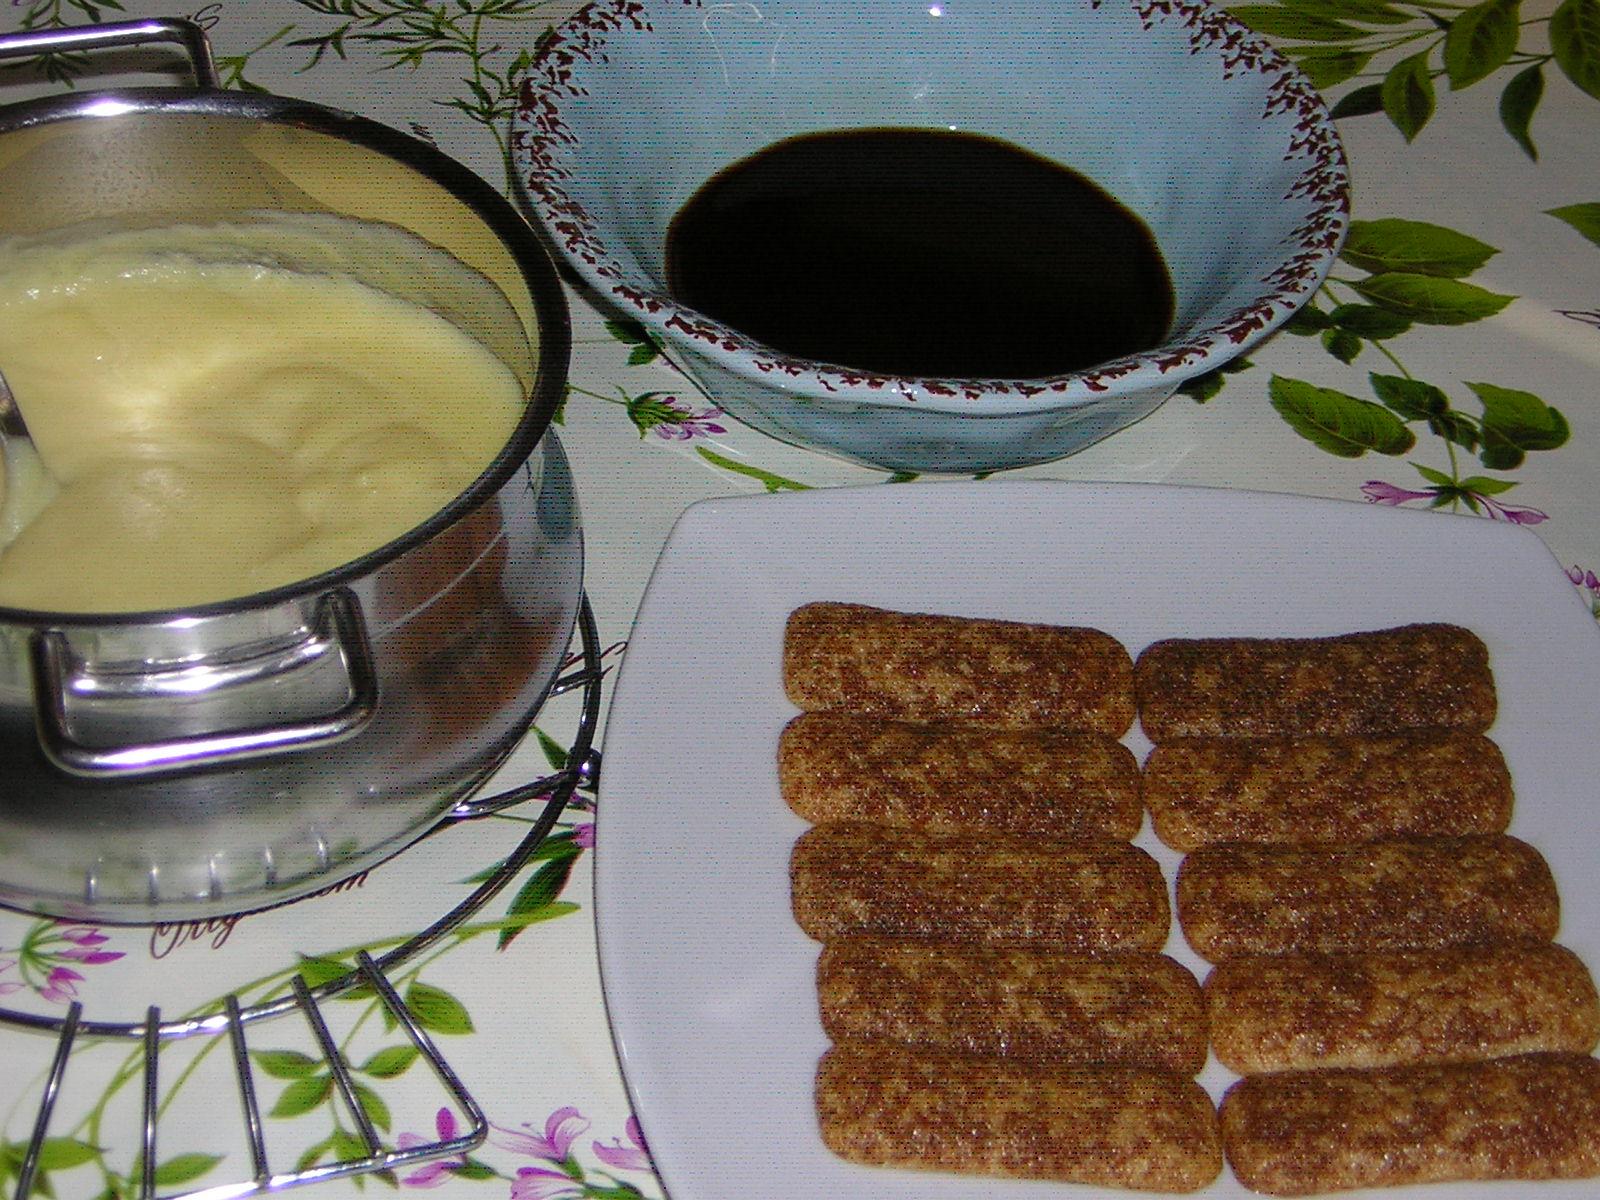 preparazione della crema tiramisù